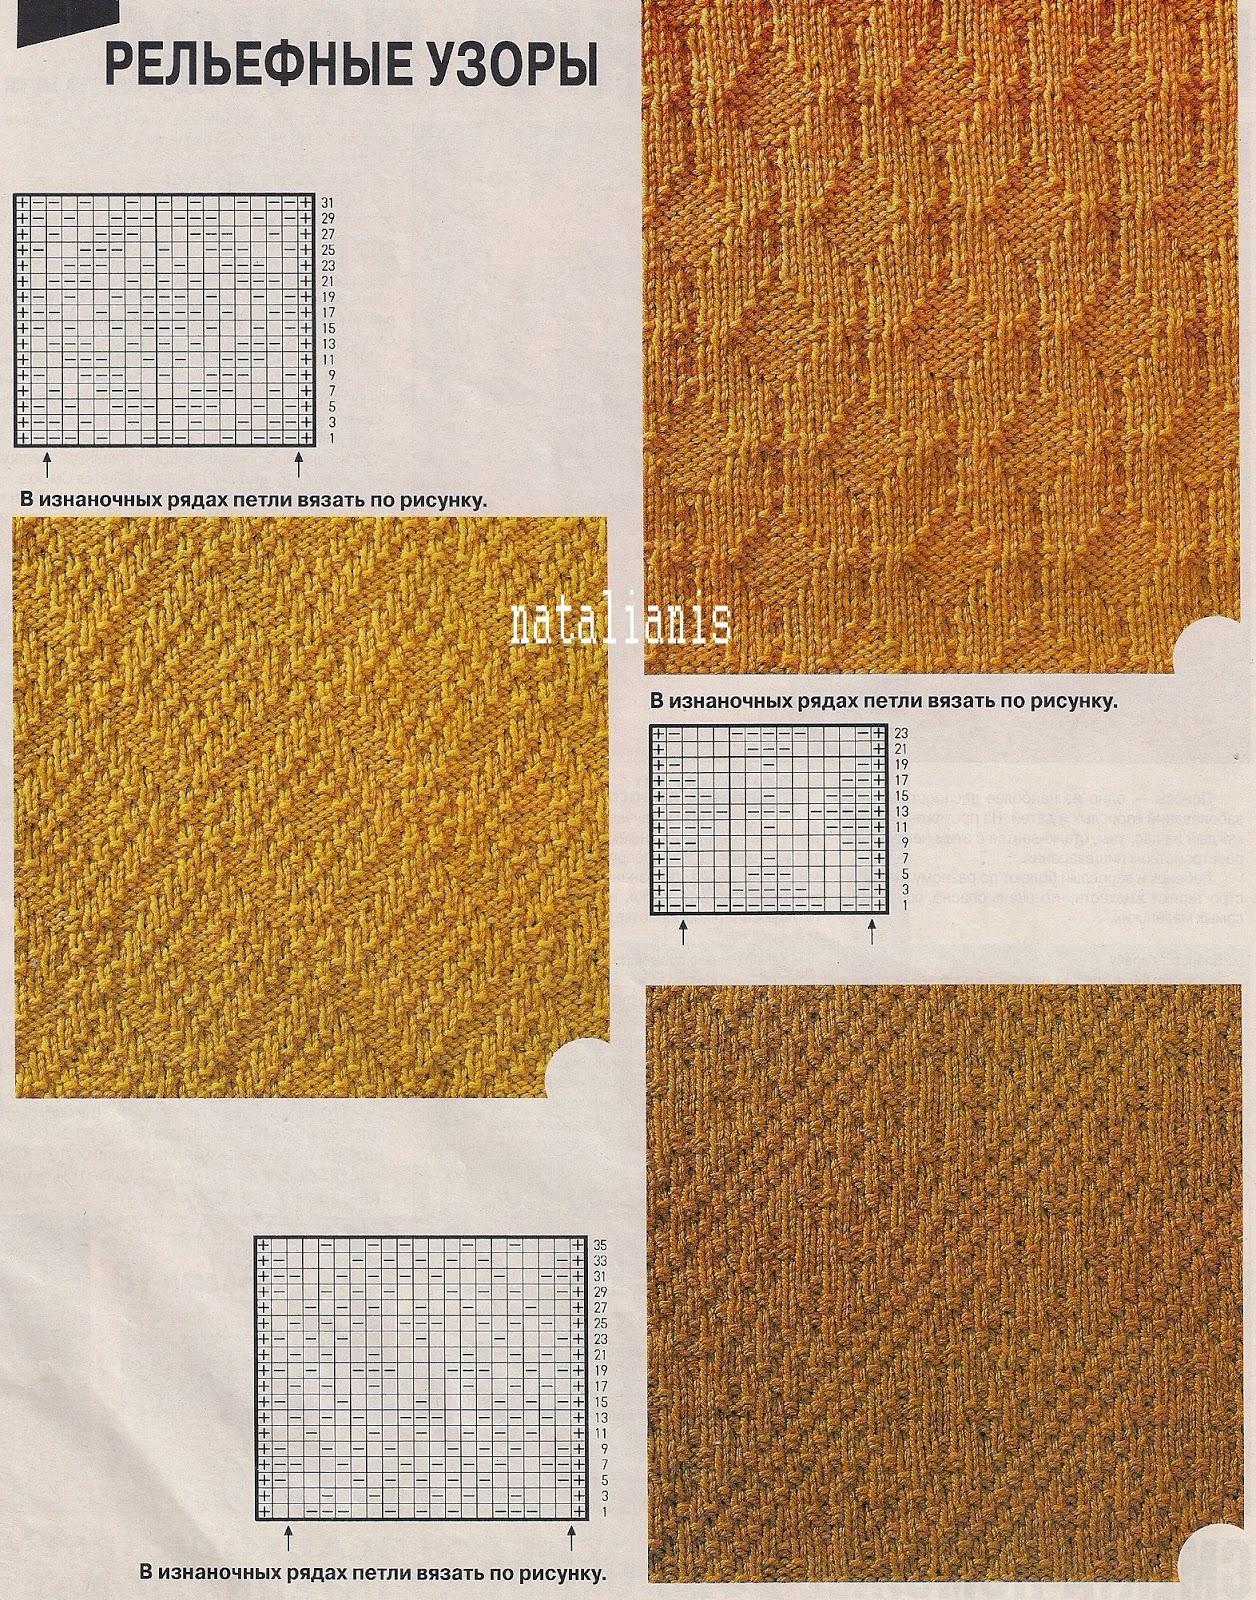 Узоры для вязания спицами рельефные узоры 55